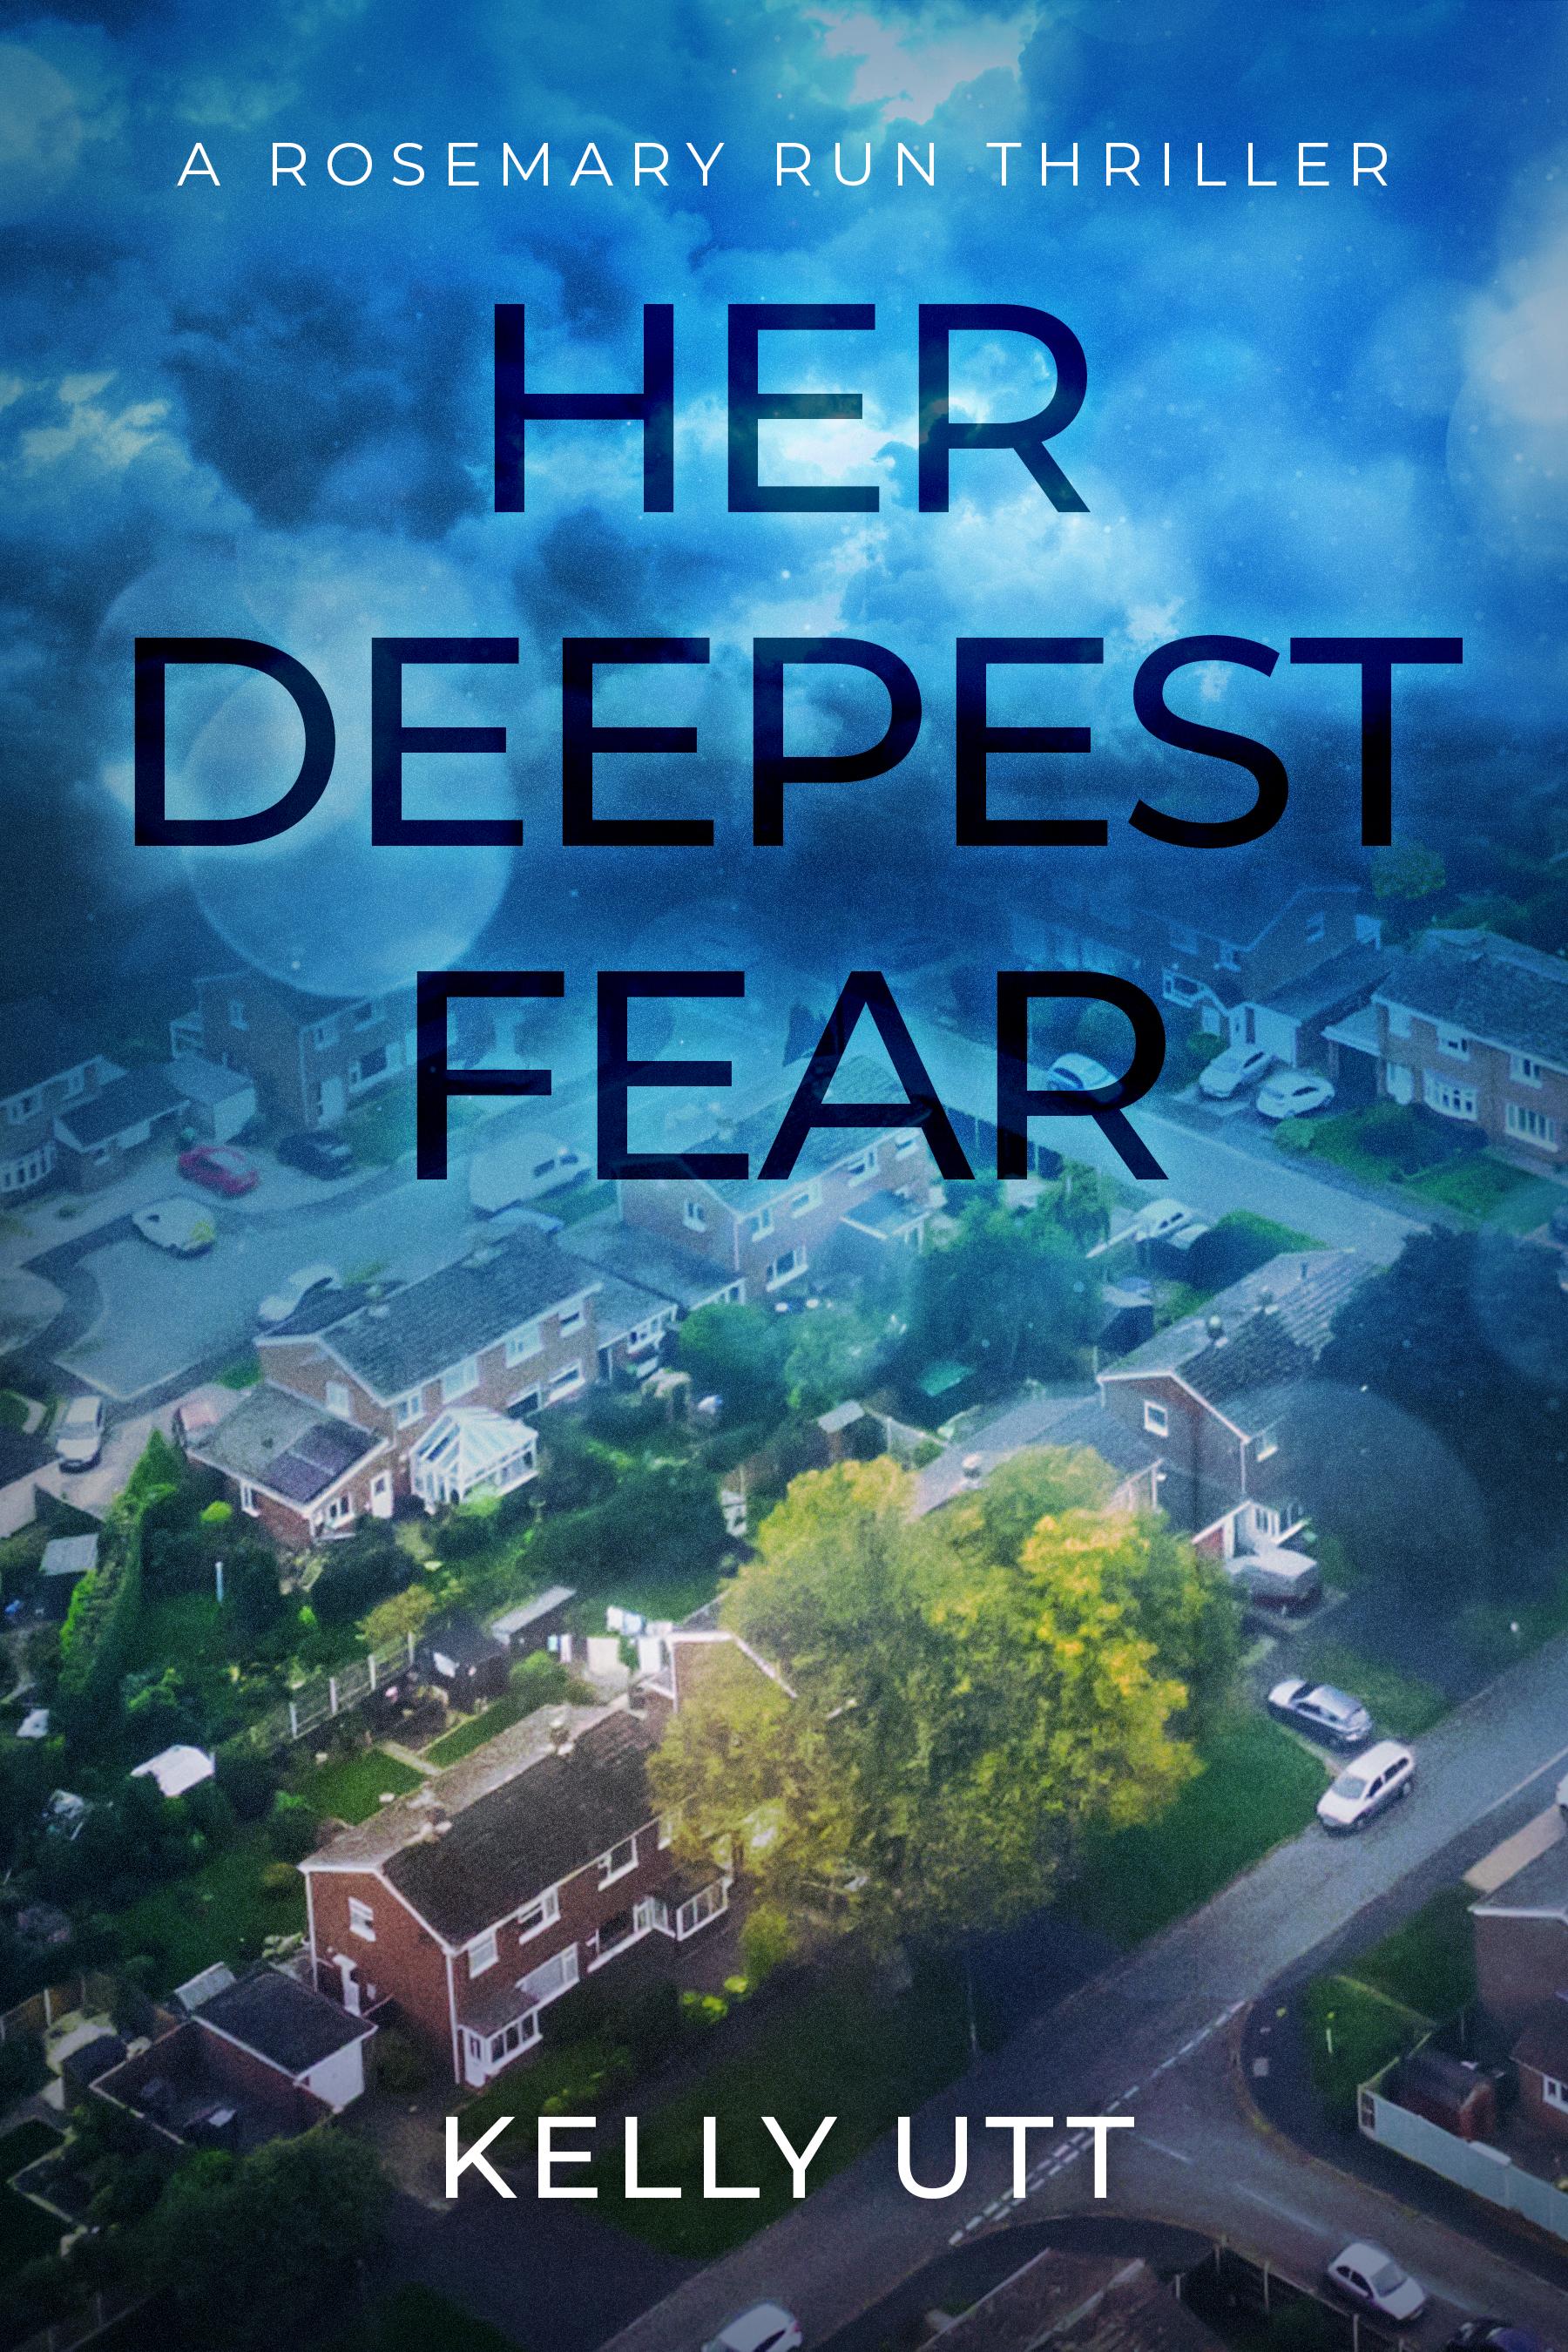 her-deepest-fear-by-kelly-utt.jpg